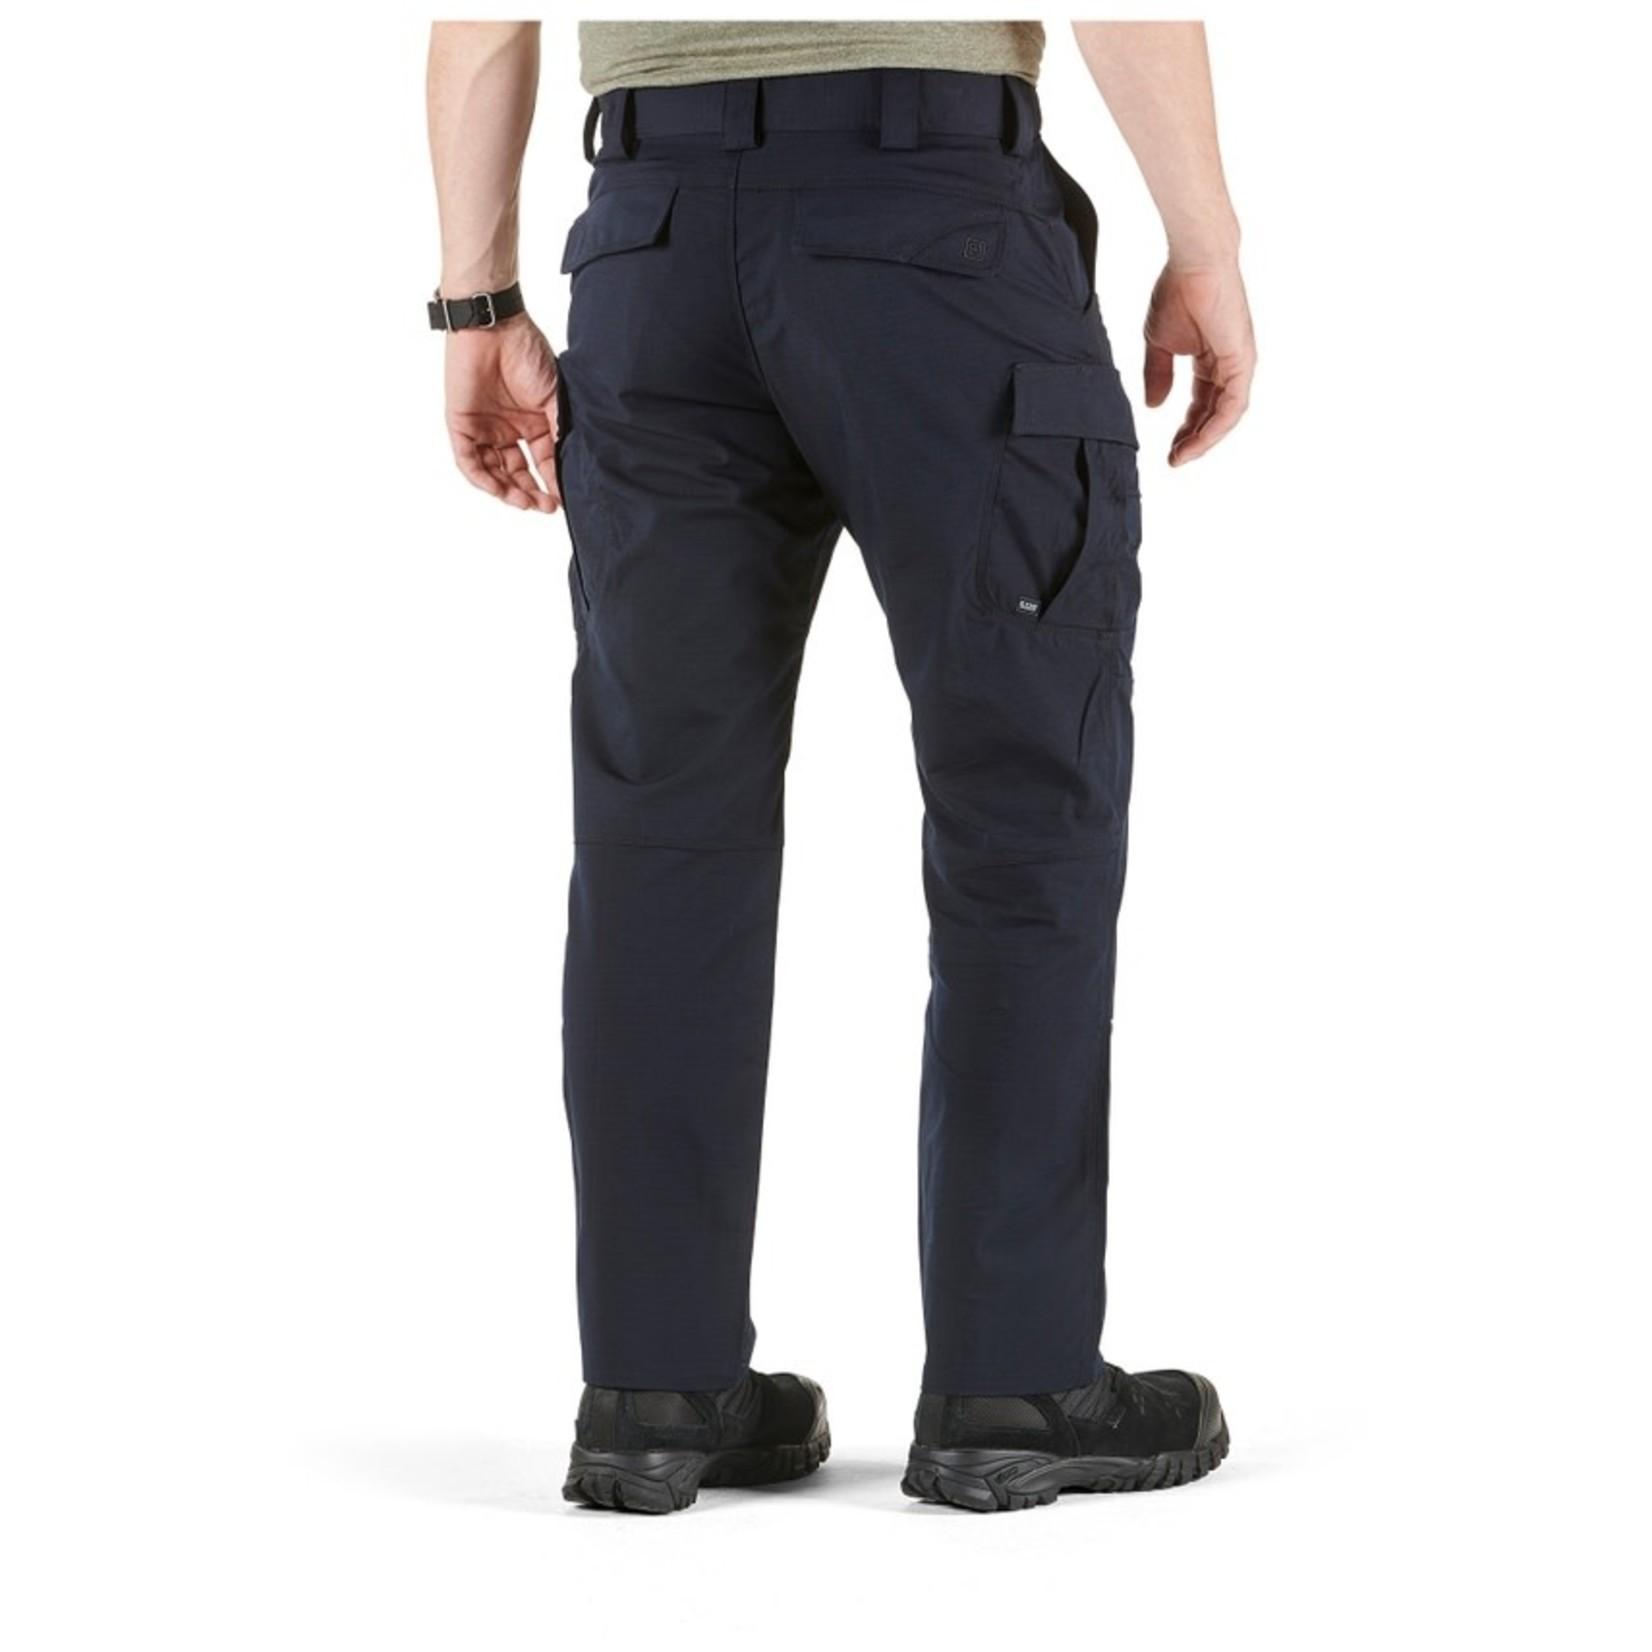 5.11 Tactical 5.11 Men's Stryke Pants W/ Yellow Stripes